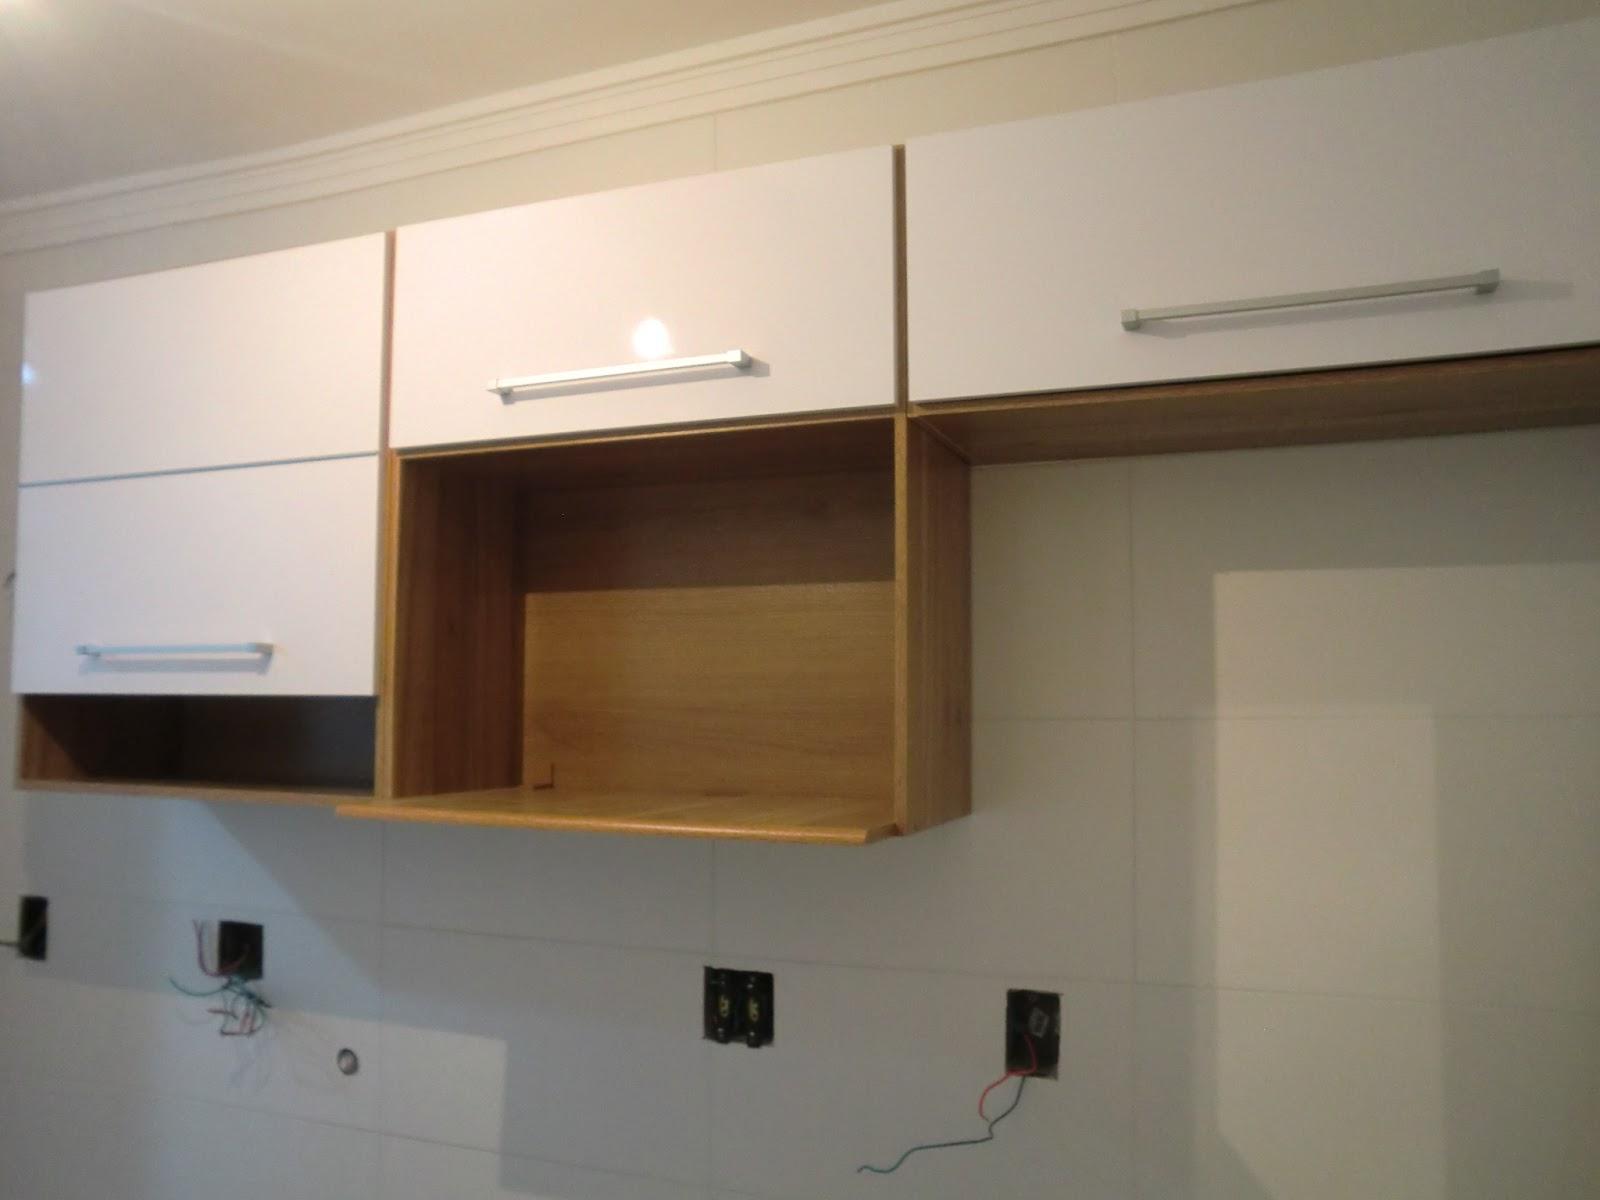 #684A28  Cozinha reformada com moveis armarios prontos Bartira Casa e Reforma 1600x1200 px Armario Grande De Cozinha Casas Bahia #2135 imagens